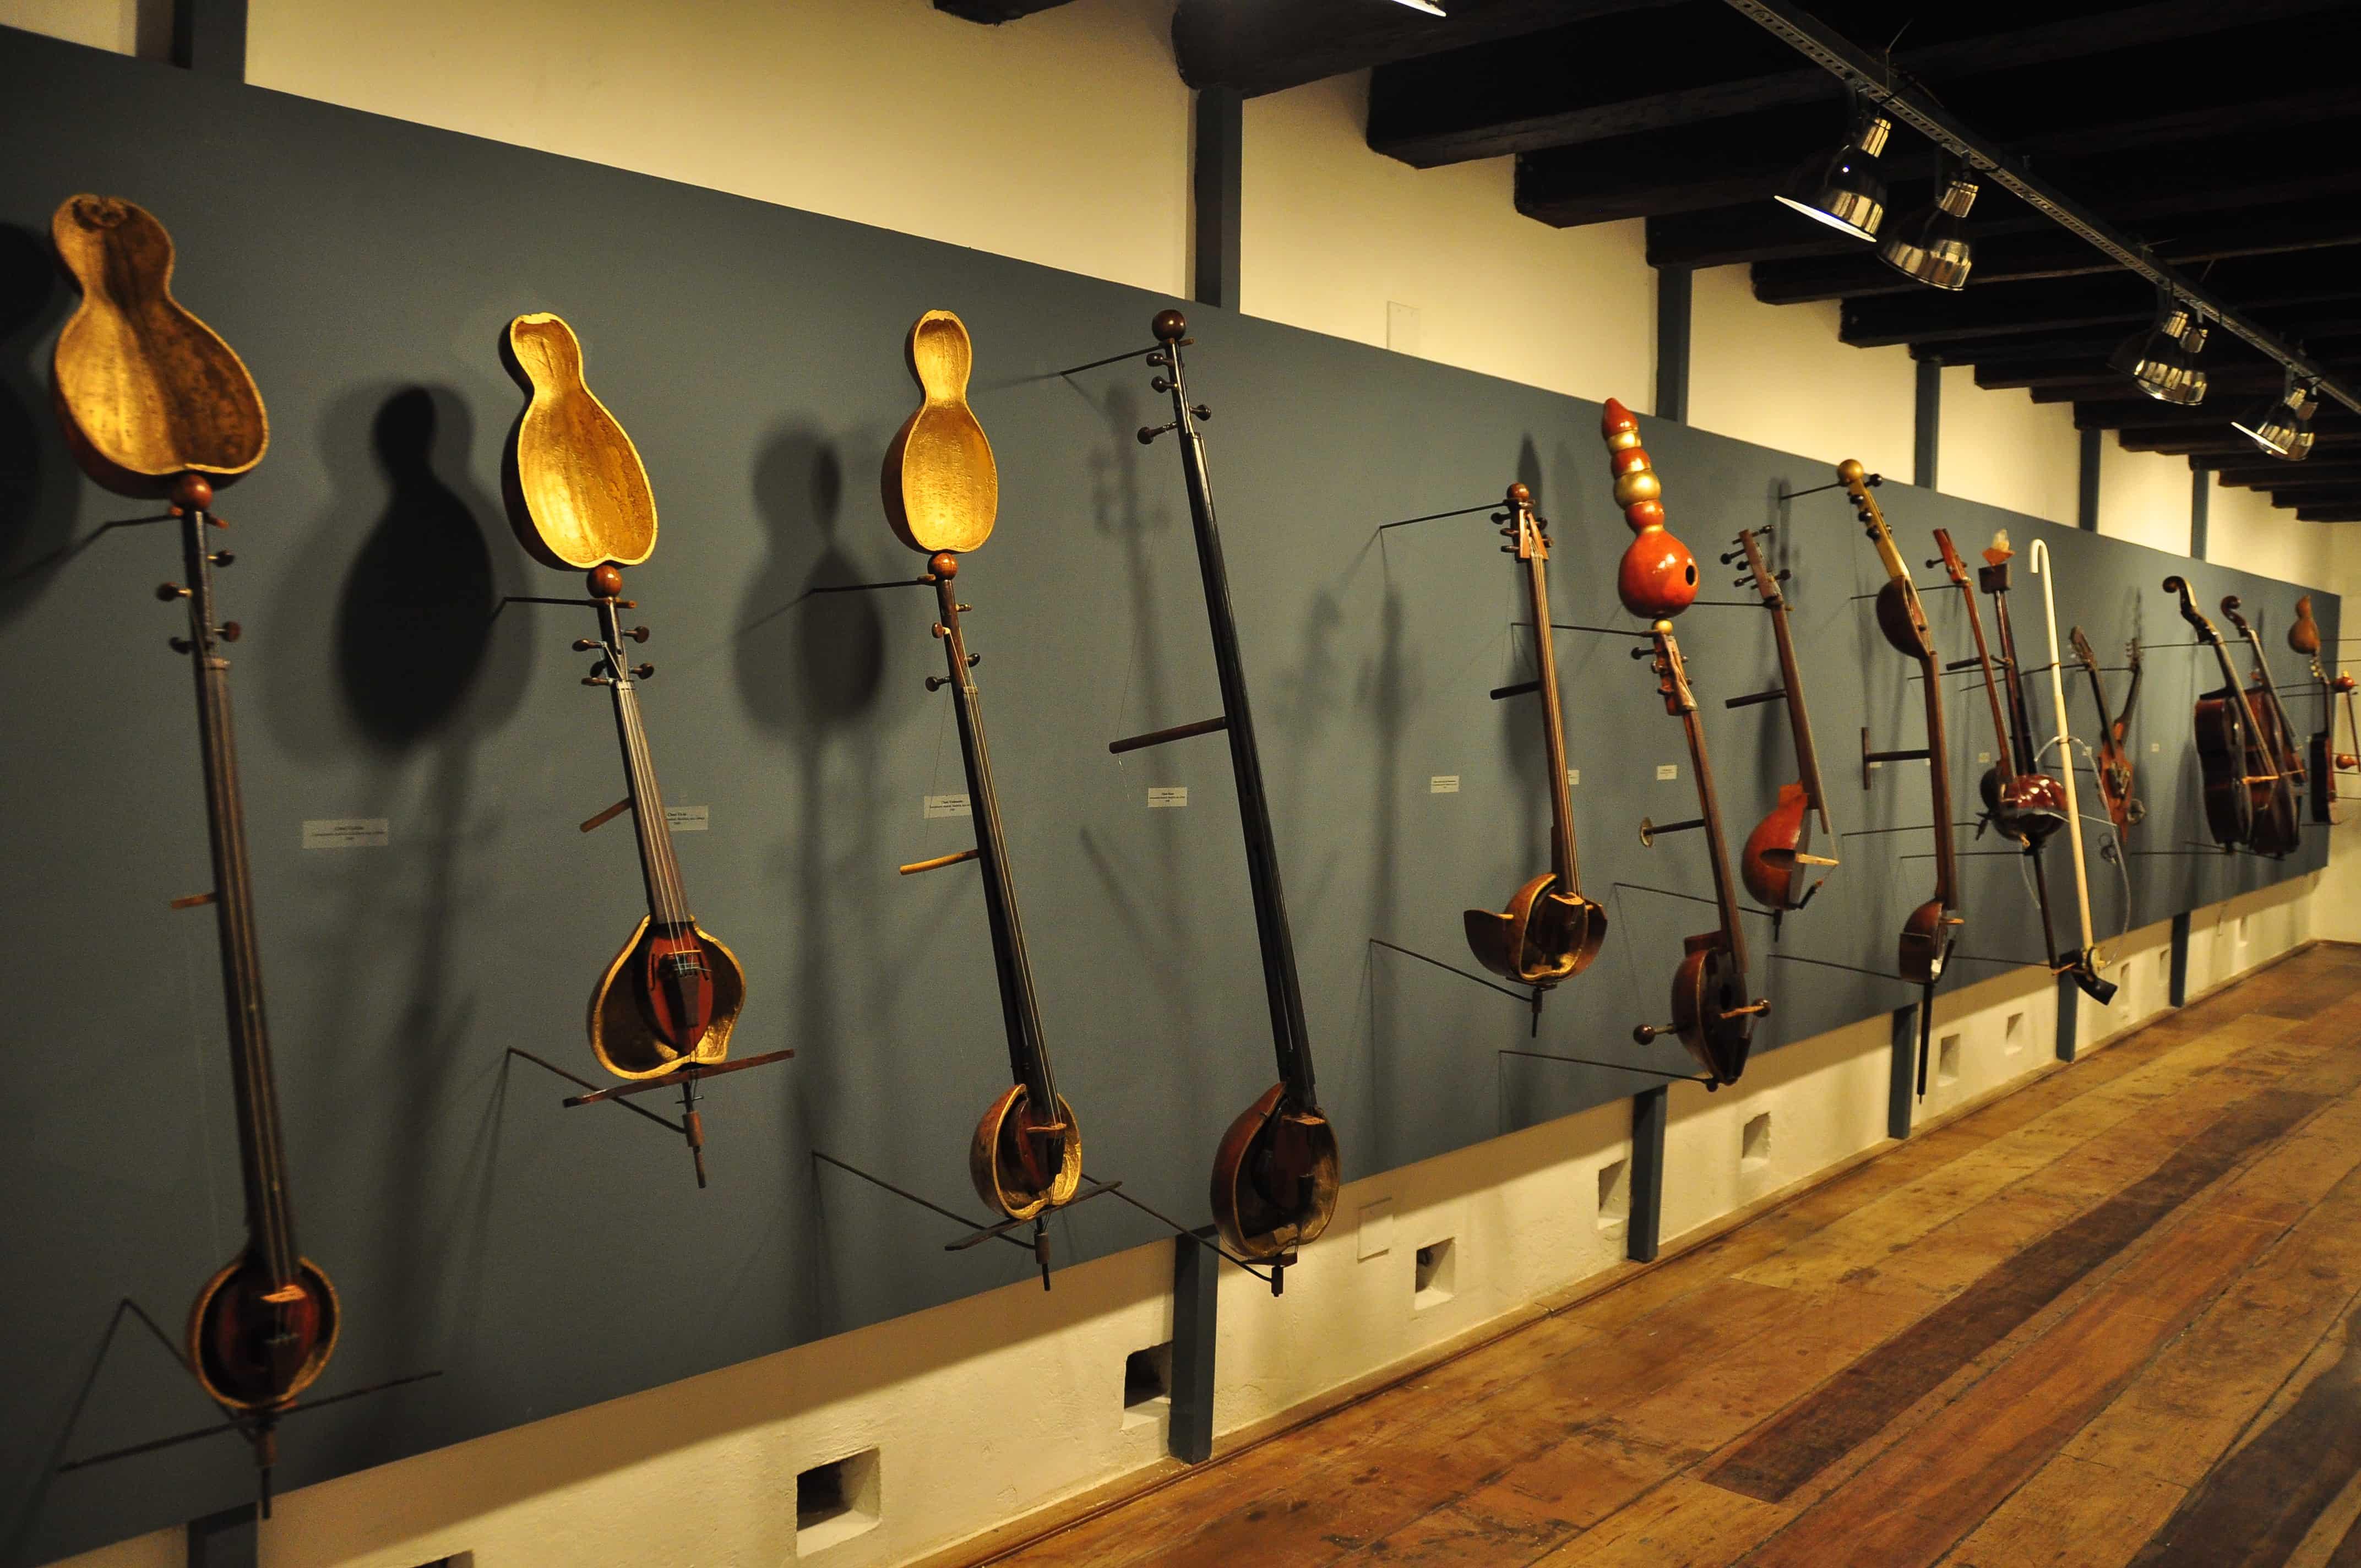 Centro Cultural Solar do Ferrão em Salvador: Mostra Smetak – O Alquimista do Som